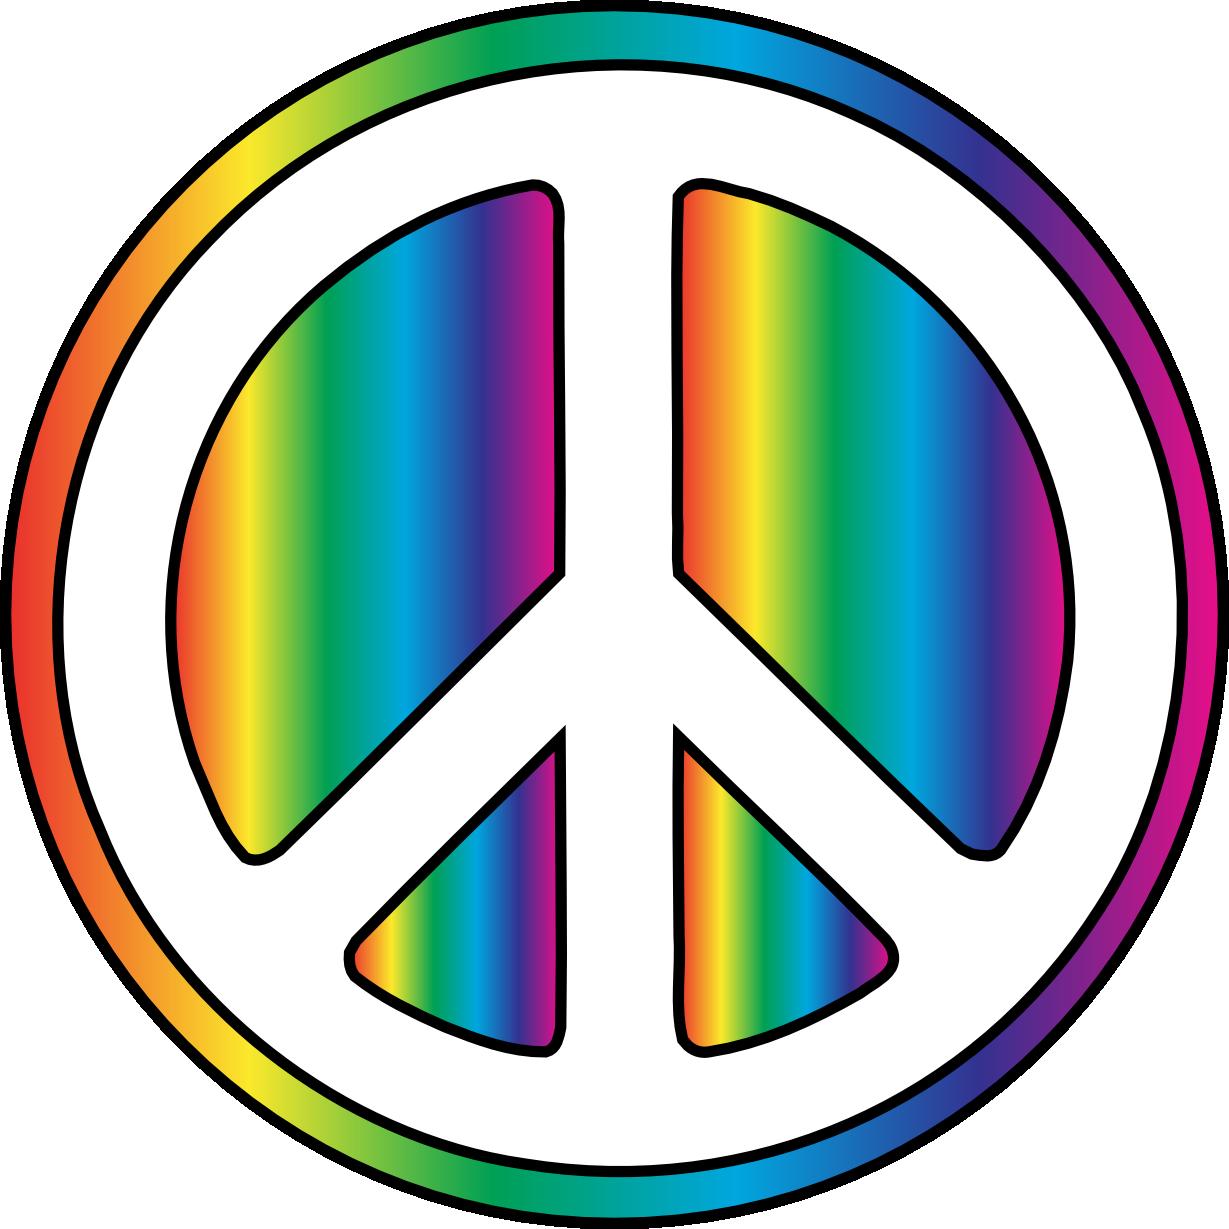 Peace Sign Logos